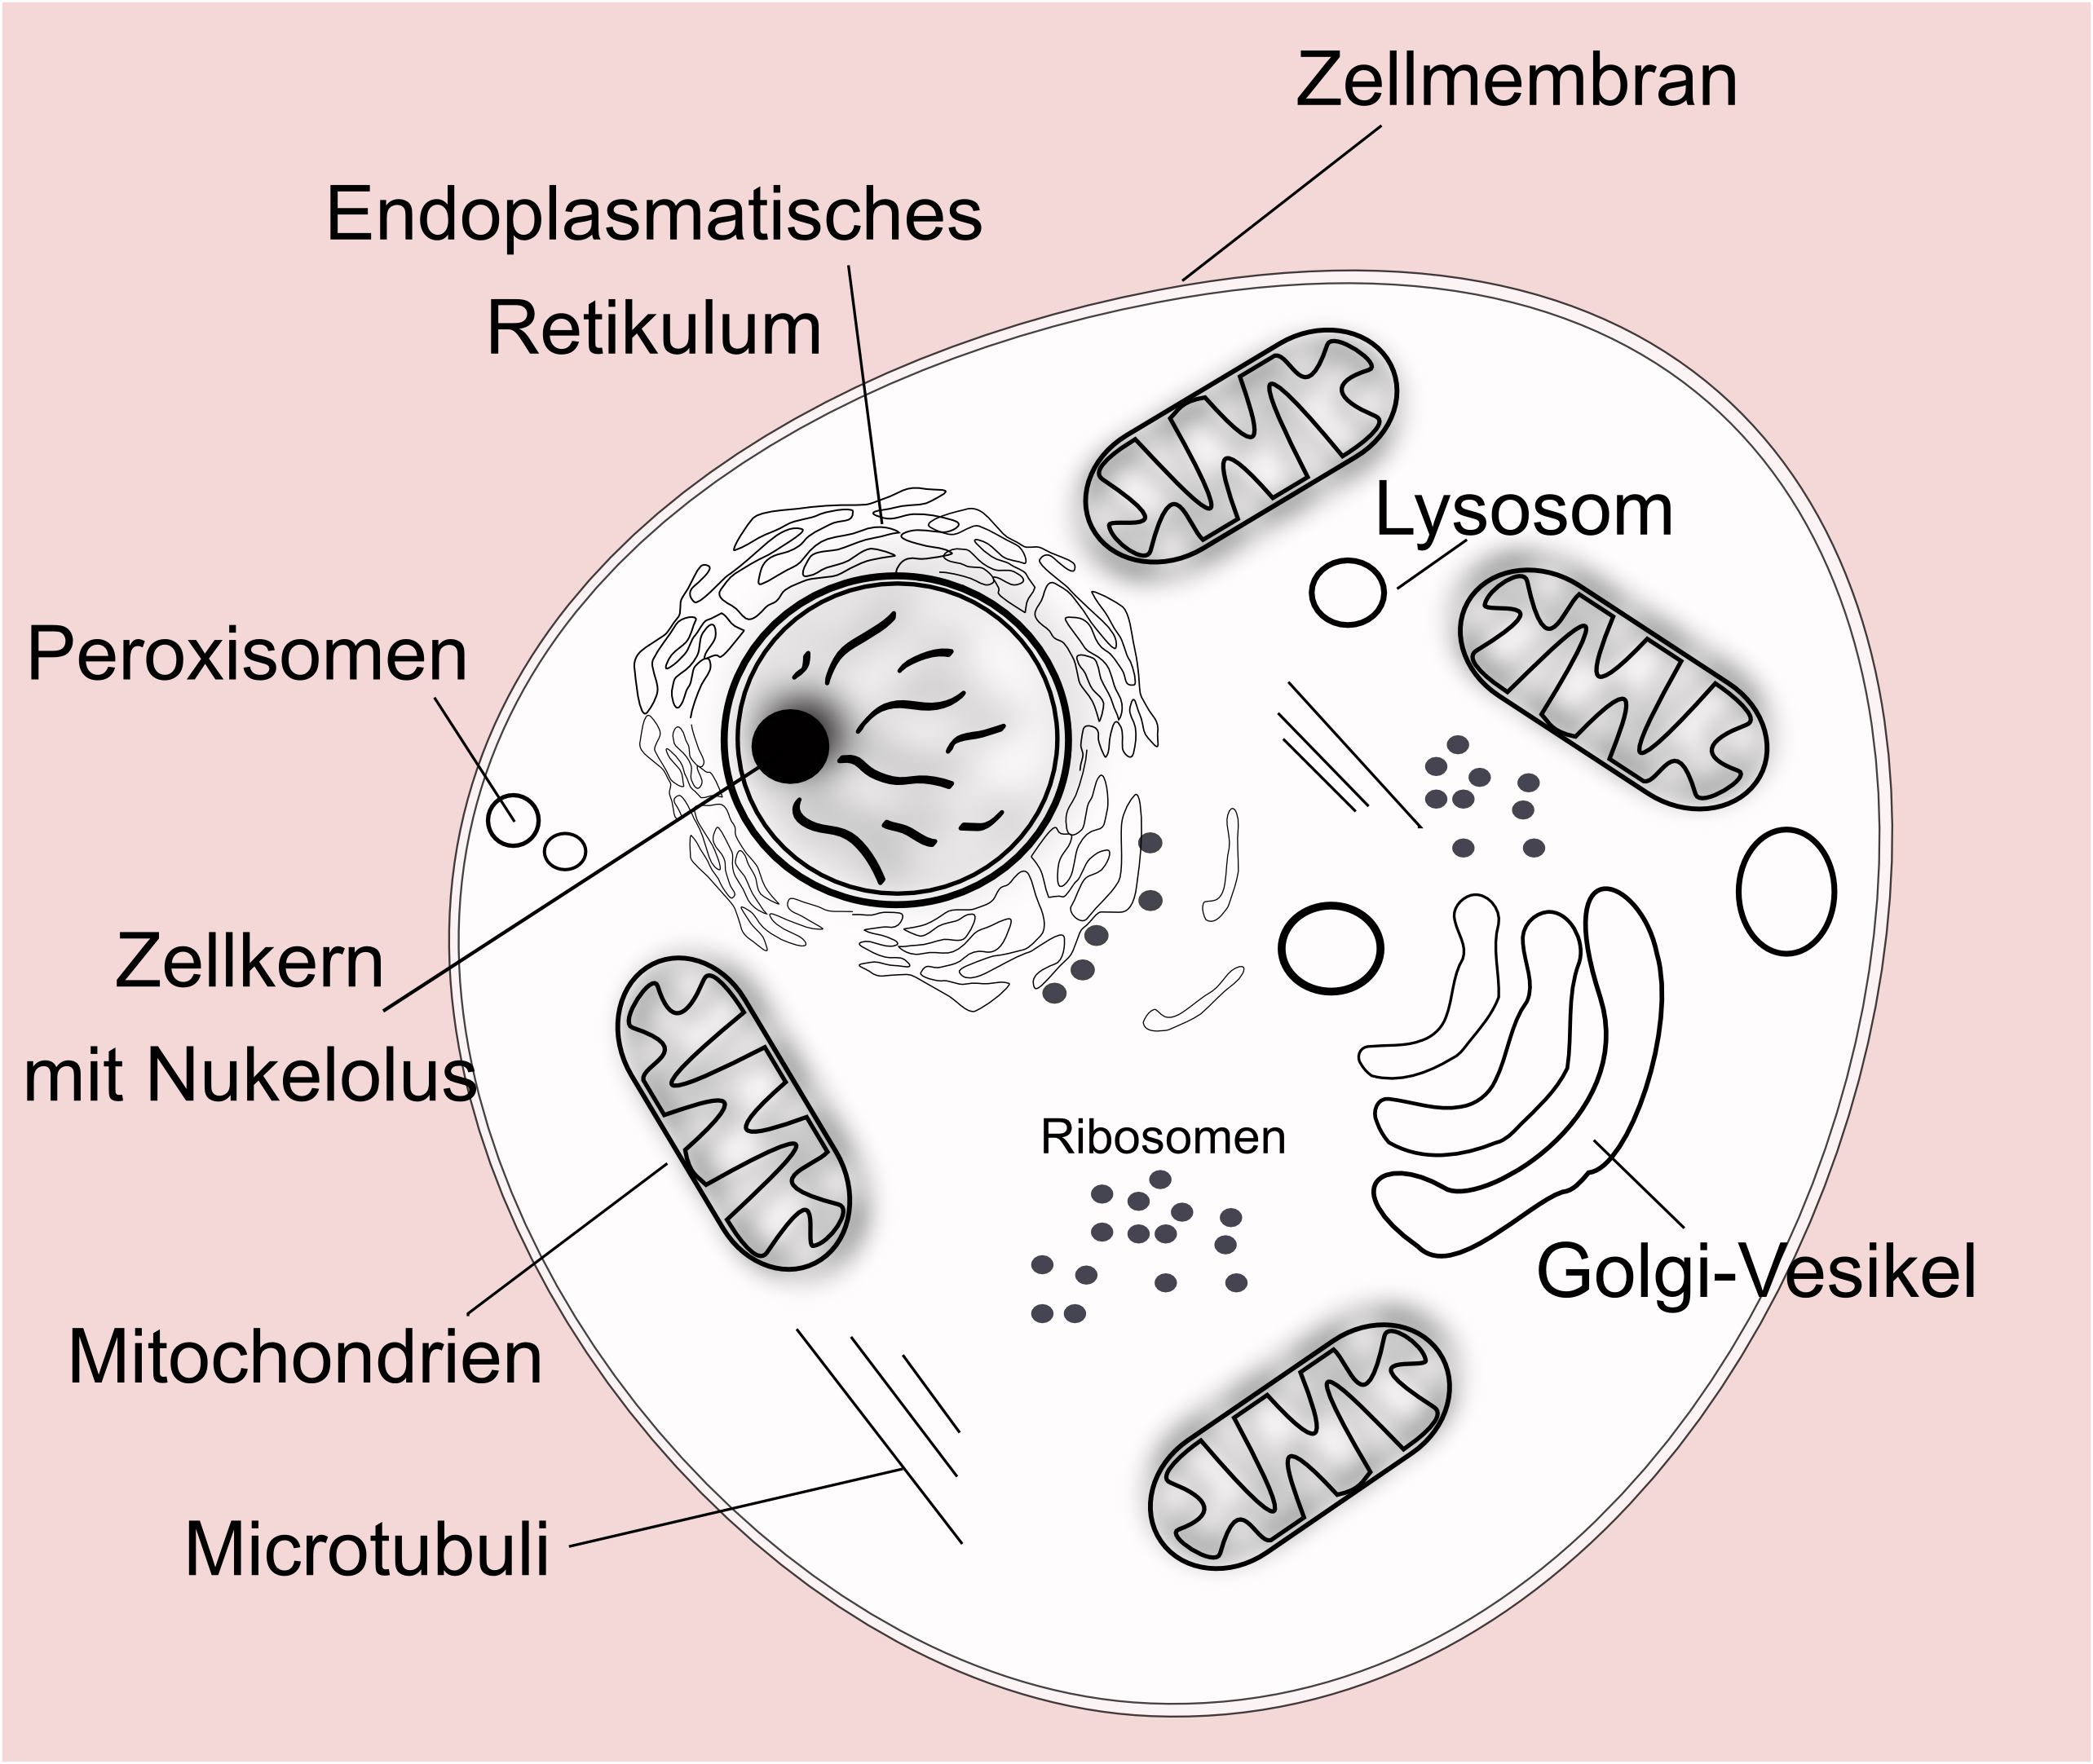 Tierische (eukaryotische) Zelle. Die komplexe Zelle enthält einen ...